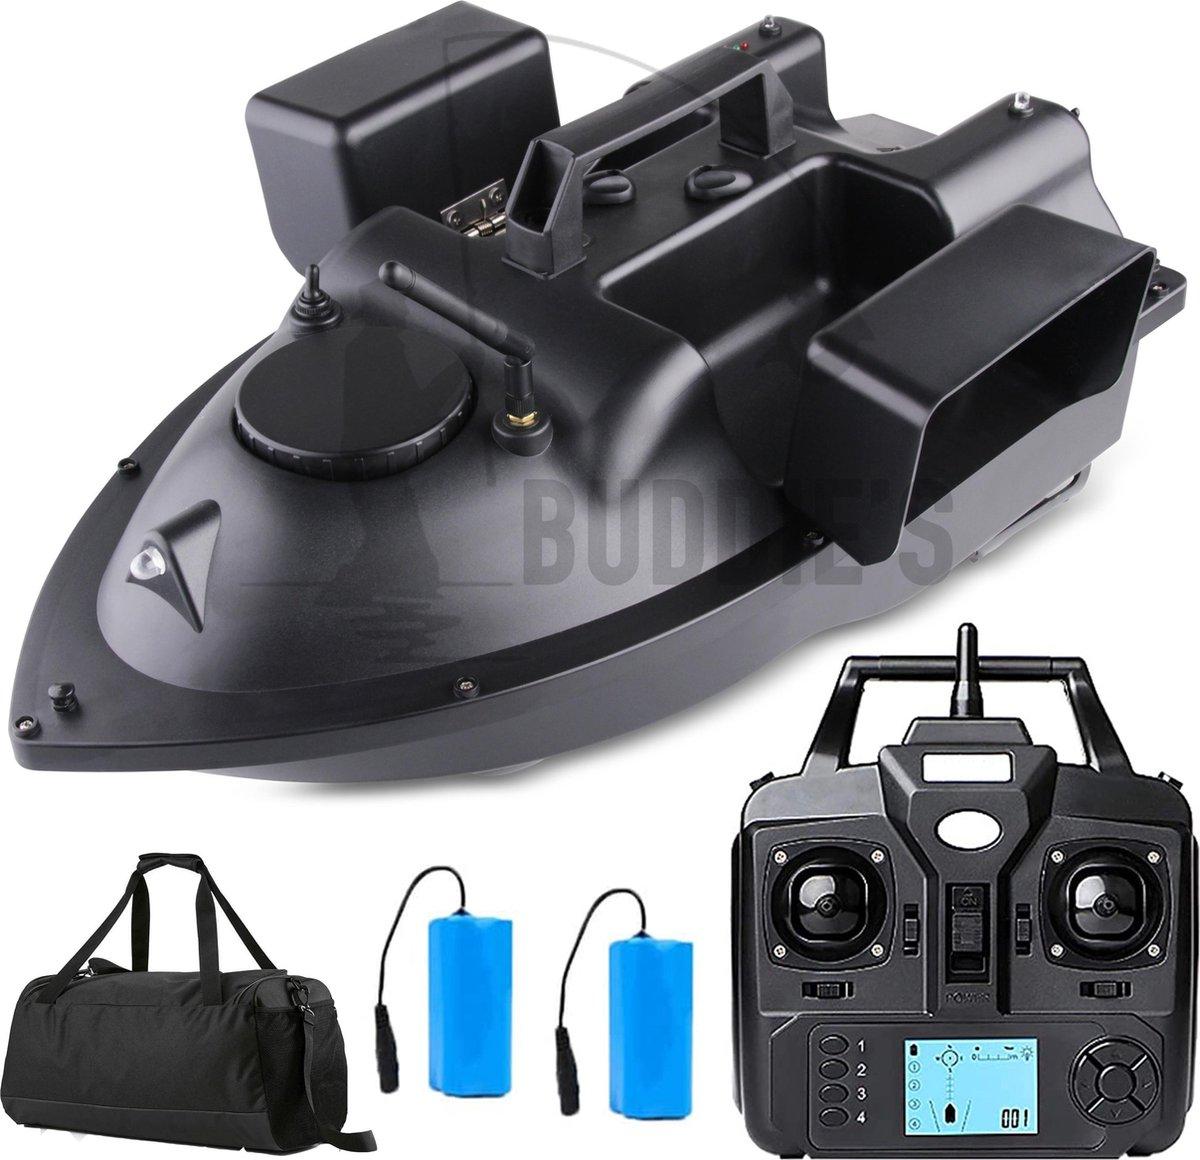 Buddie's  GPS Voerboot   Incl. Tas en 2 Batterijen - 500M bereik - 3 Voerbakken - Hook release - Afs